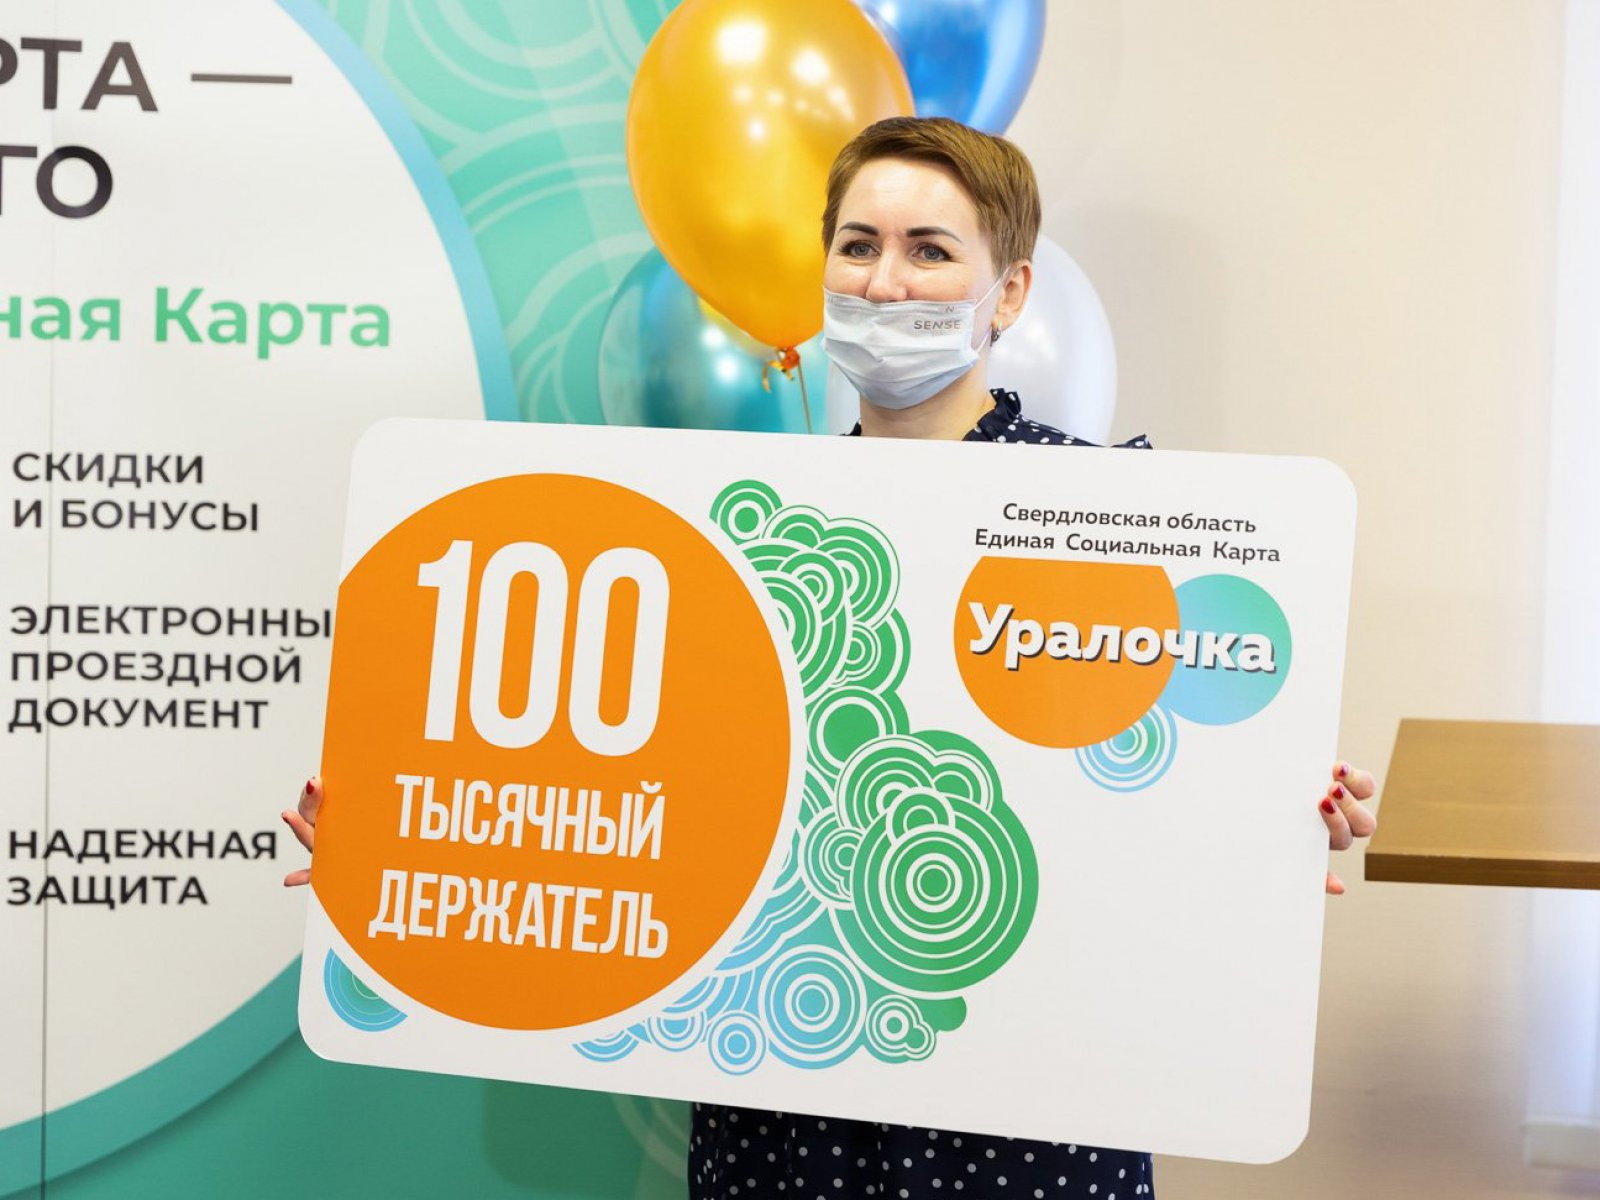 Юбилейную 100-тысячную Единую социальную карту оформили в Свердловской области